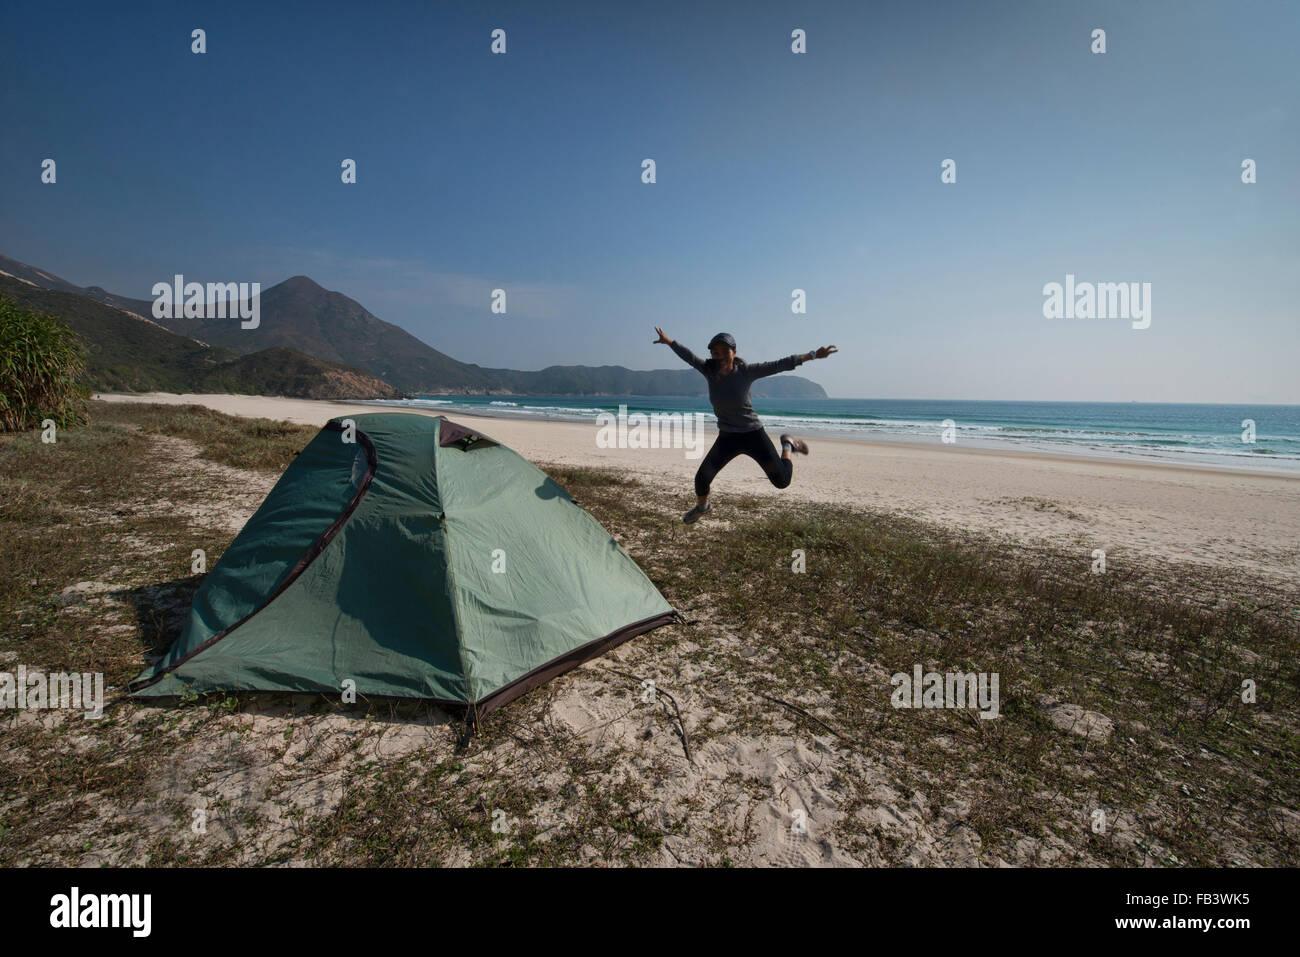 Camping on empty Tai Long Wan (Big Wave Bay) beach, Sai Kung, Hong Kong - Stock Image